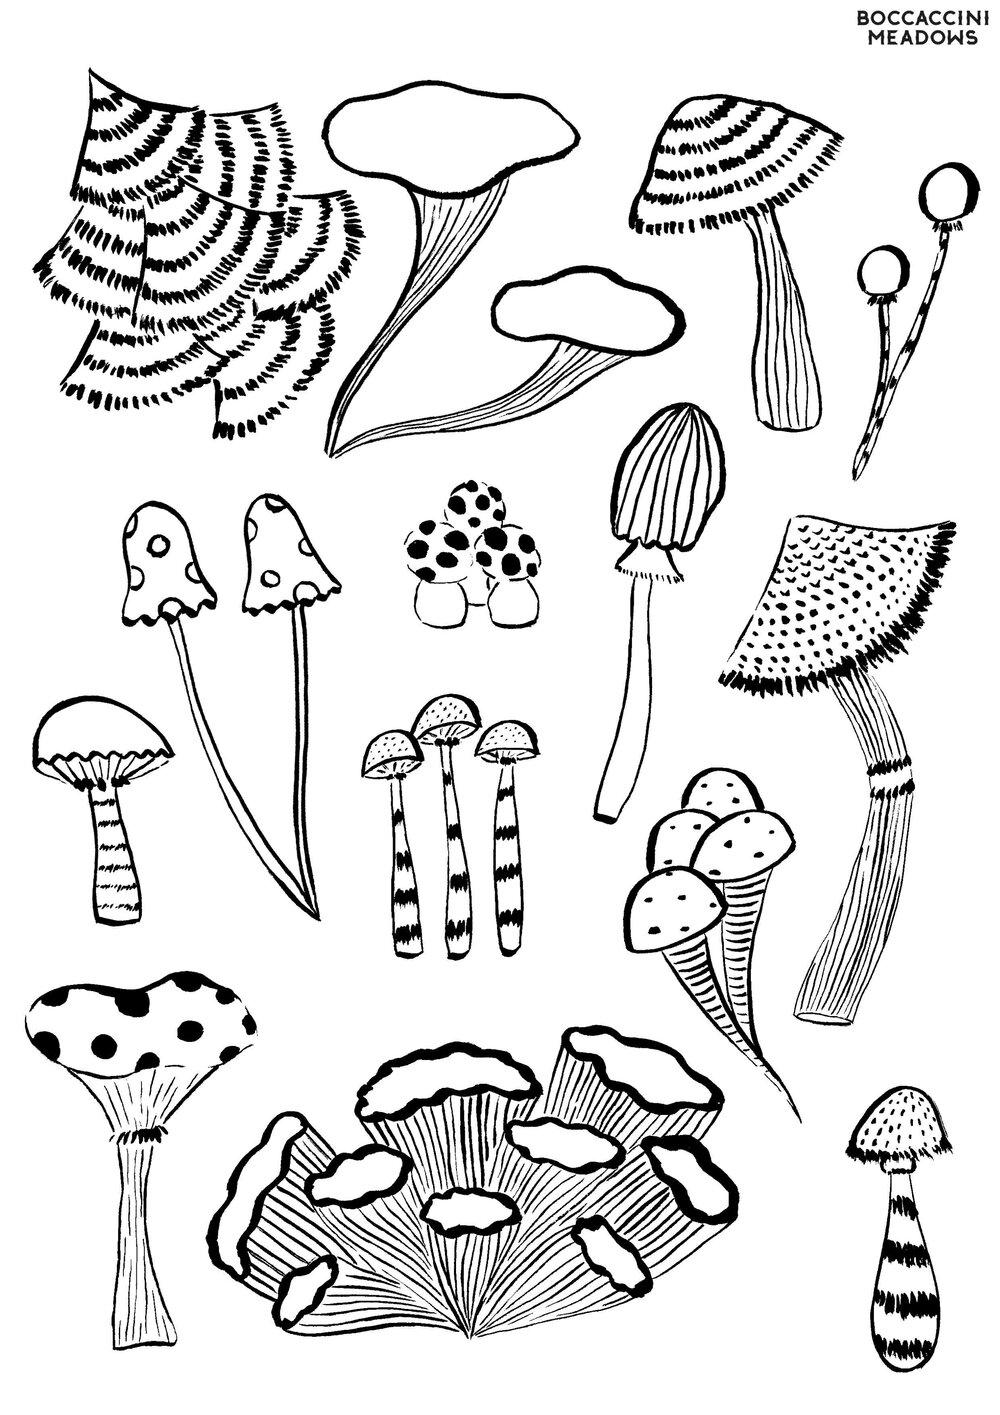 Fungi Boccaccini Meadows